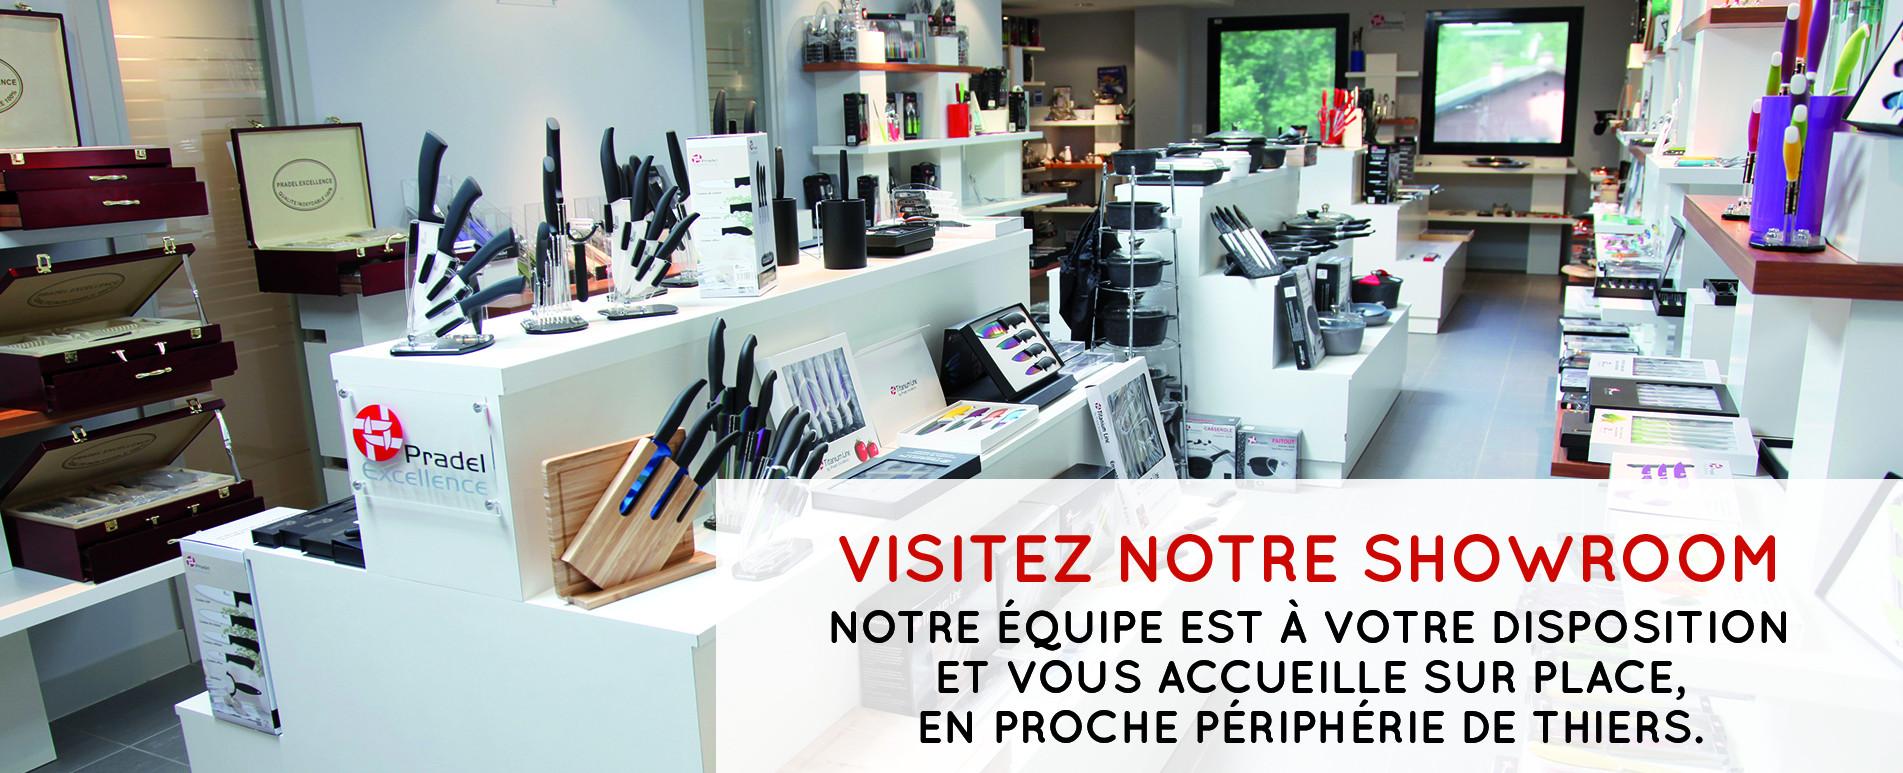 http://www.jodas.fr/fr/content/5-showroom